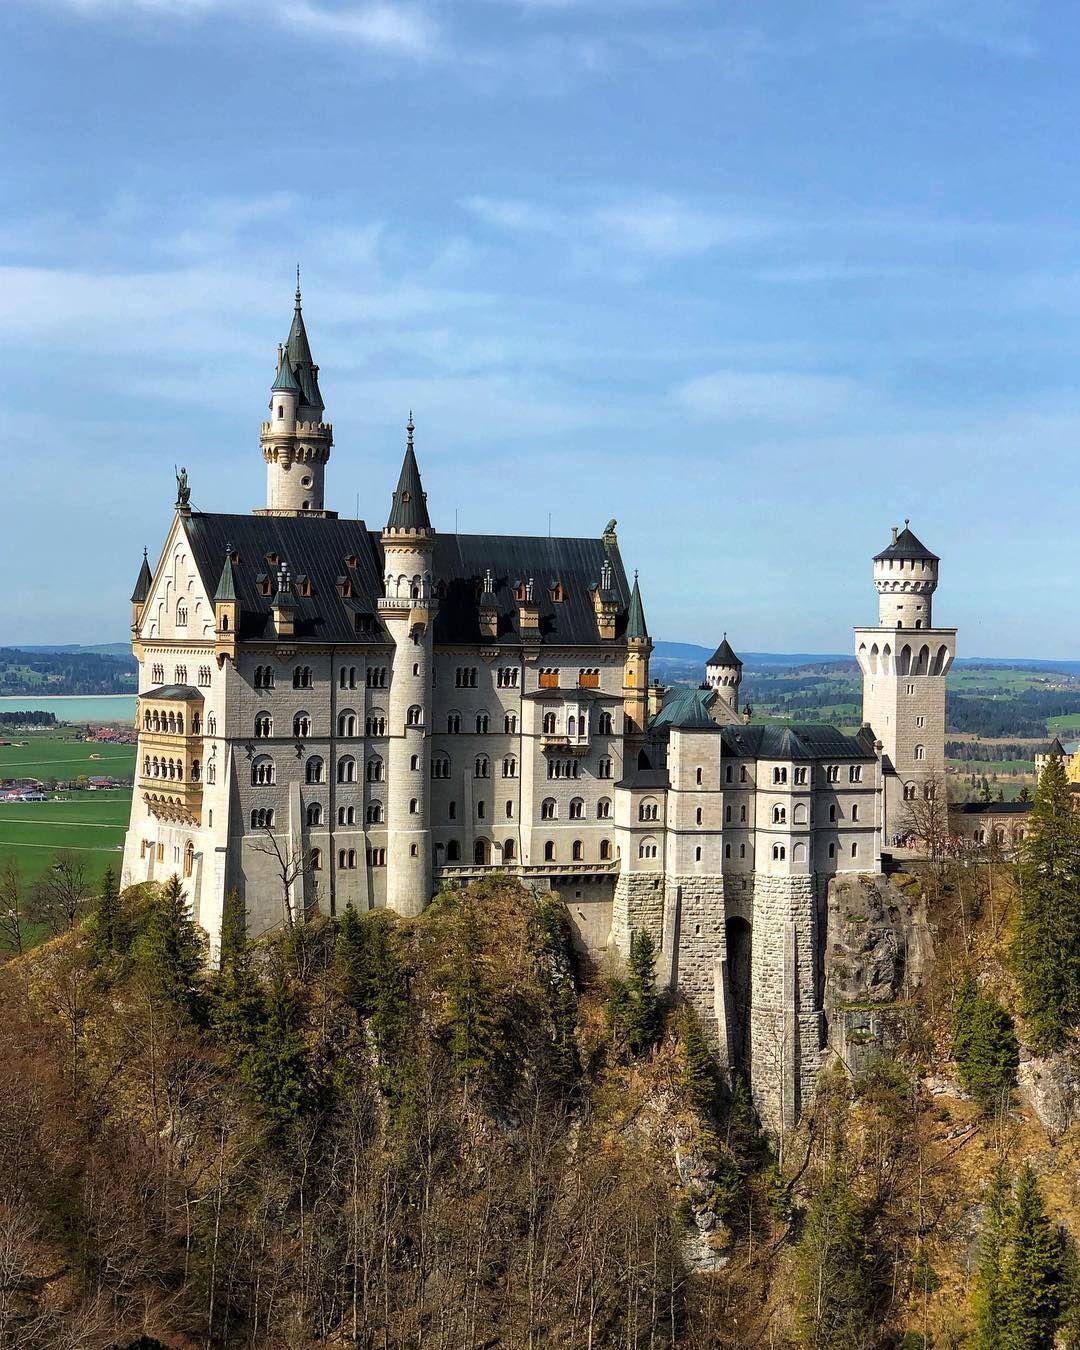 New The 10 Best Travel With Pictures Das Disney Schloss Neuschwanstein Schloss Hohenschwangau Und Der Wundersc Travel Experts Travel Amazing Photography